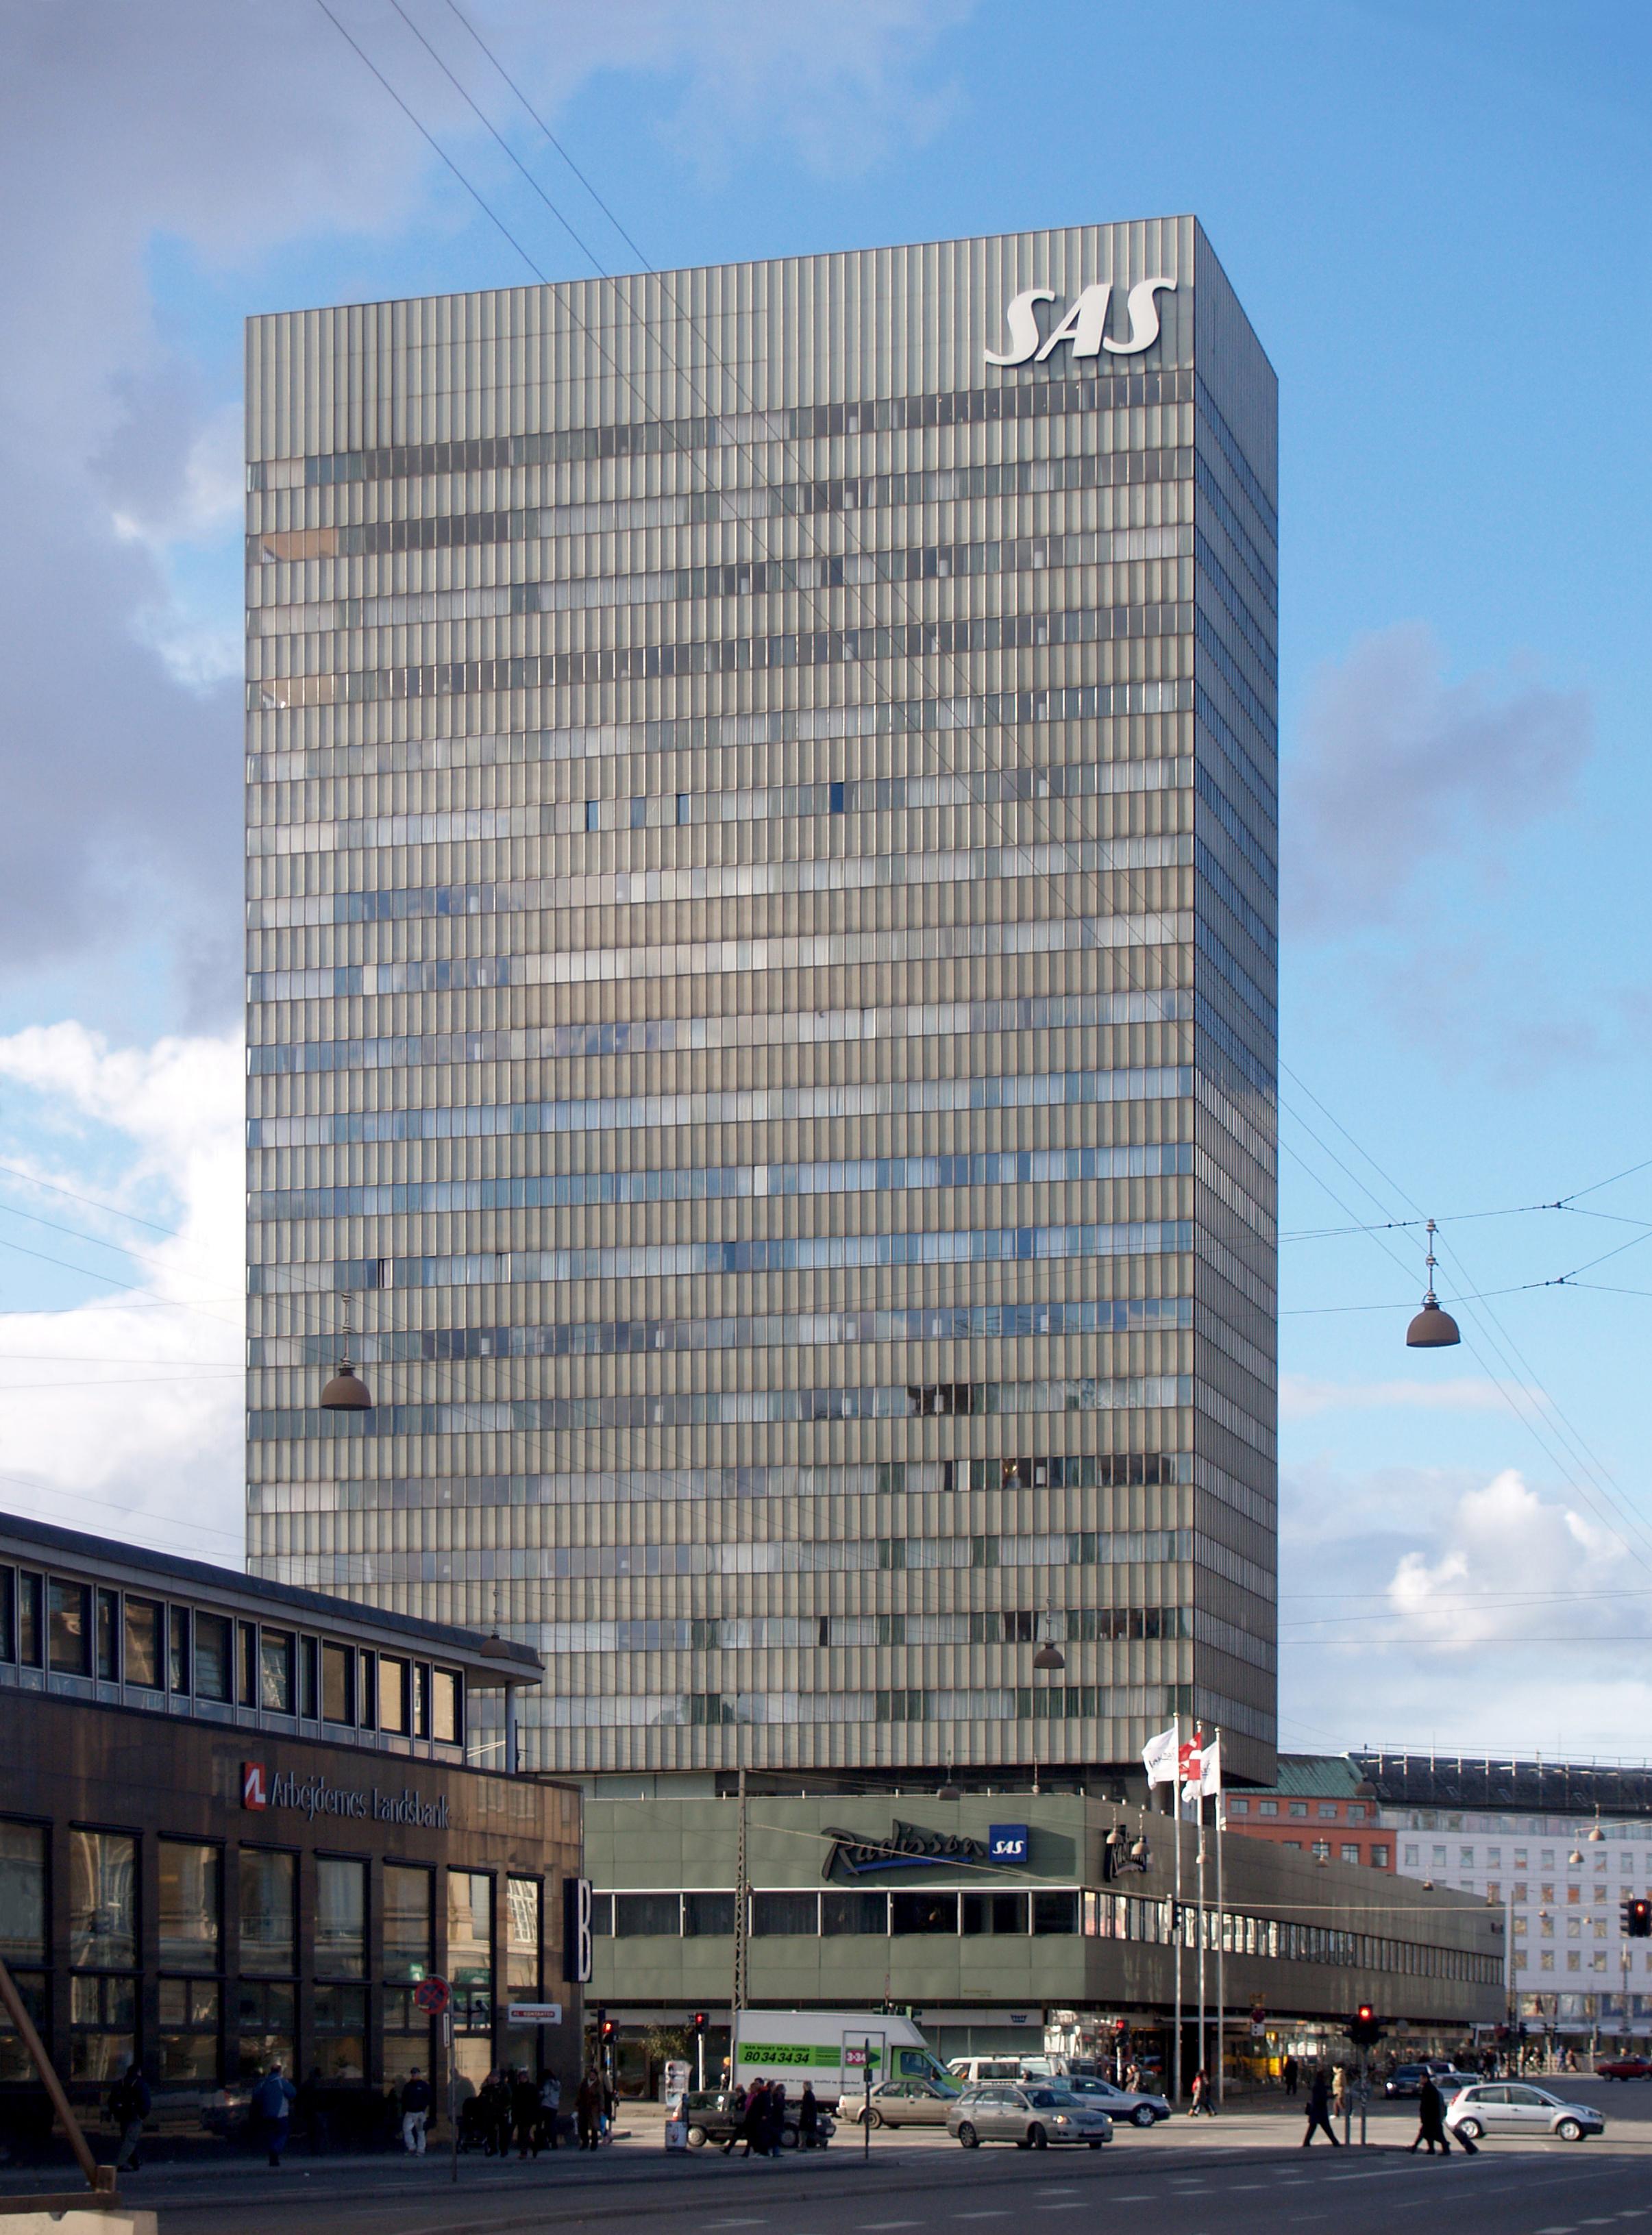 københavns hoteller